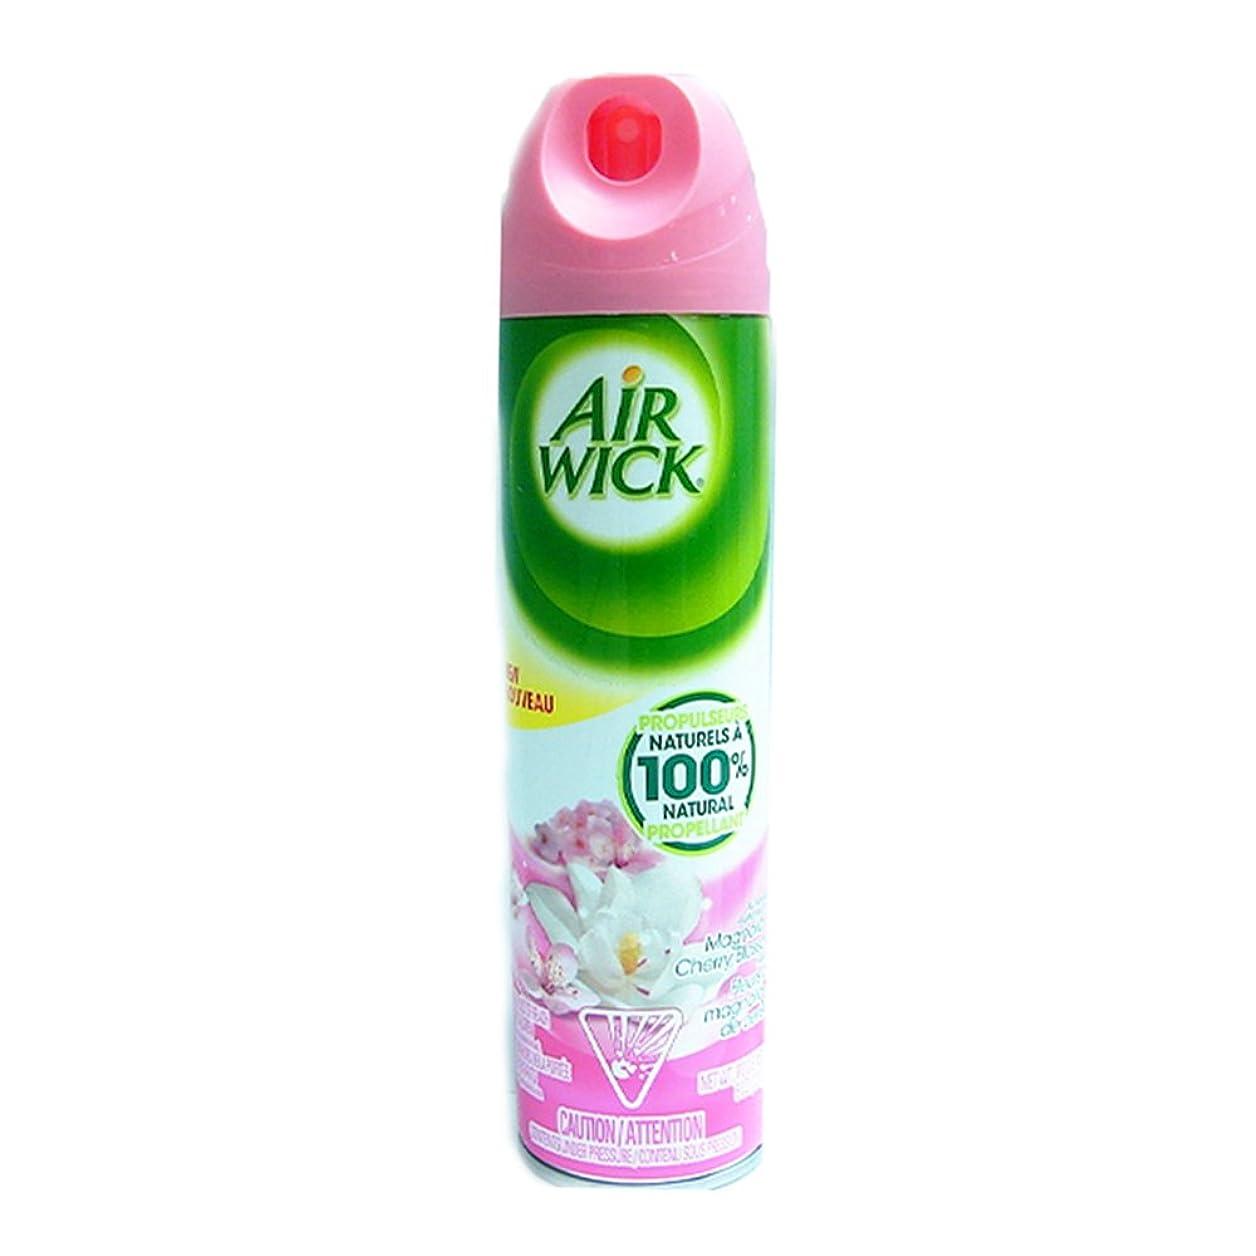 ロンドンエーカー熟練したAir Wick Air Freshener 4?in 1?Magnolia and Cherry Blossom (226g) 8778976